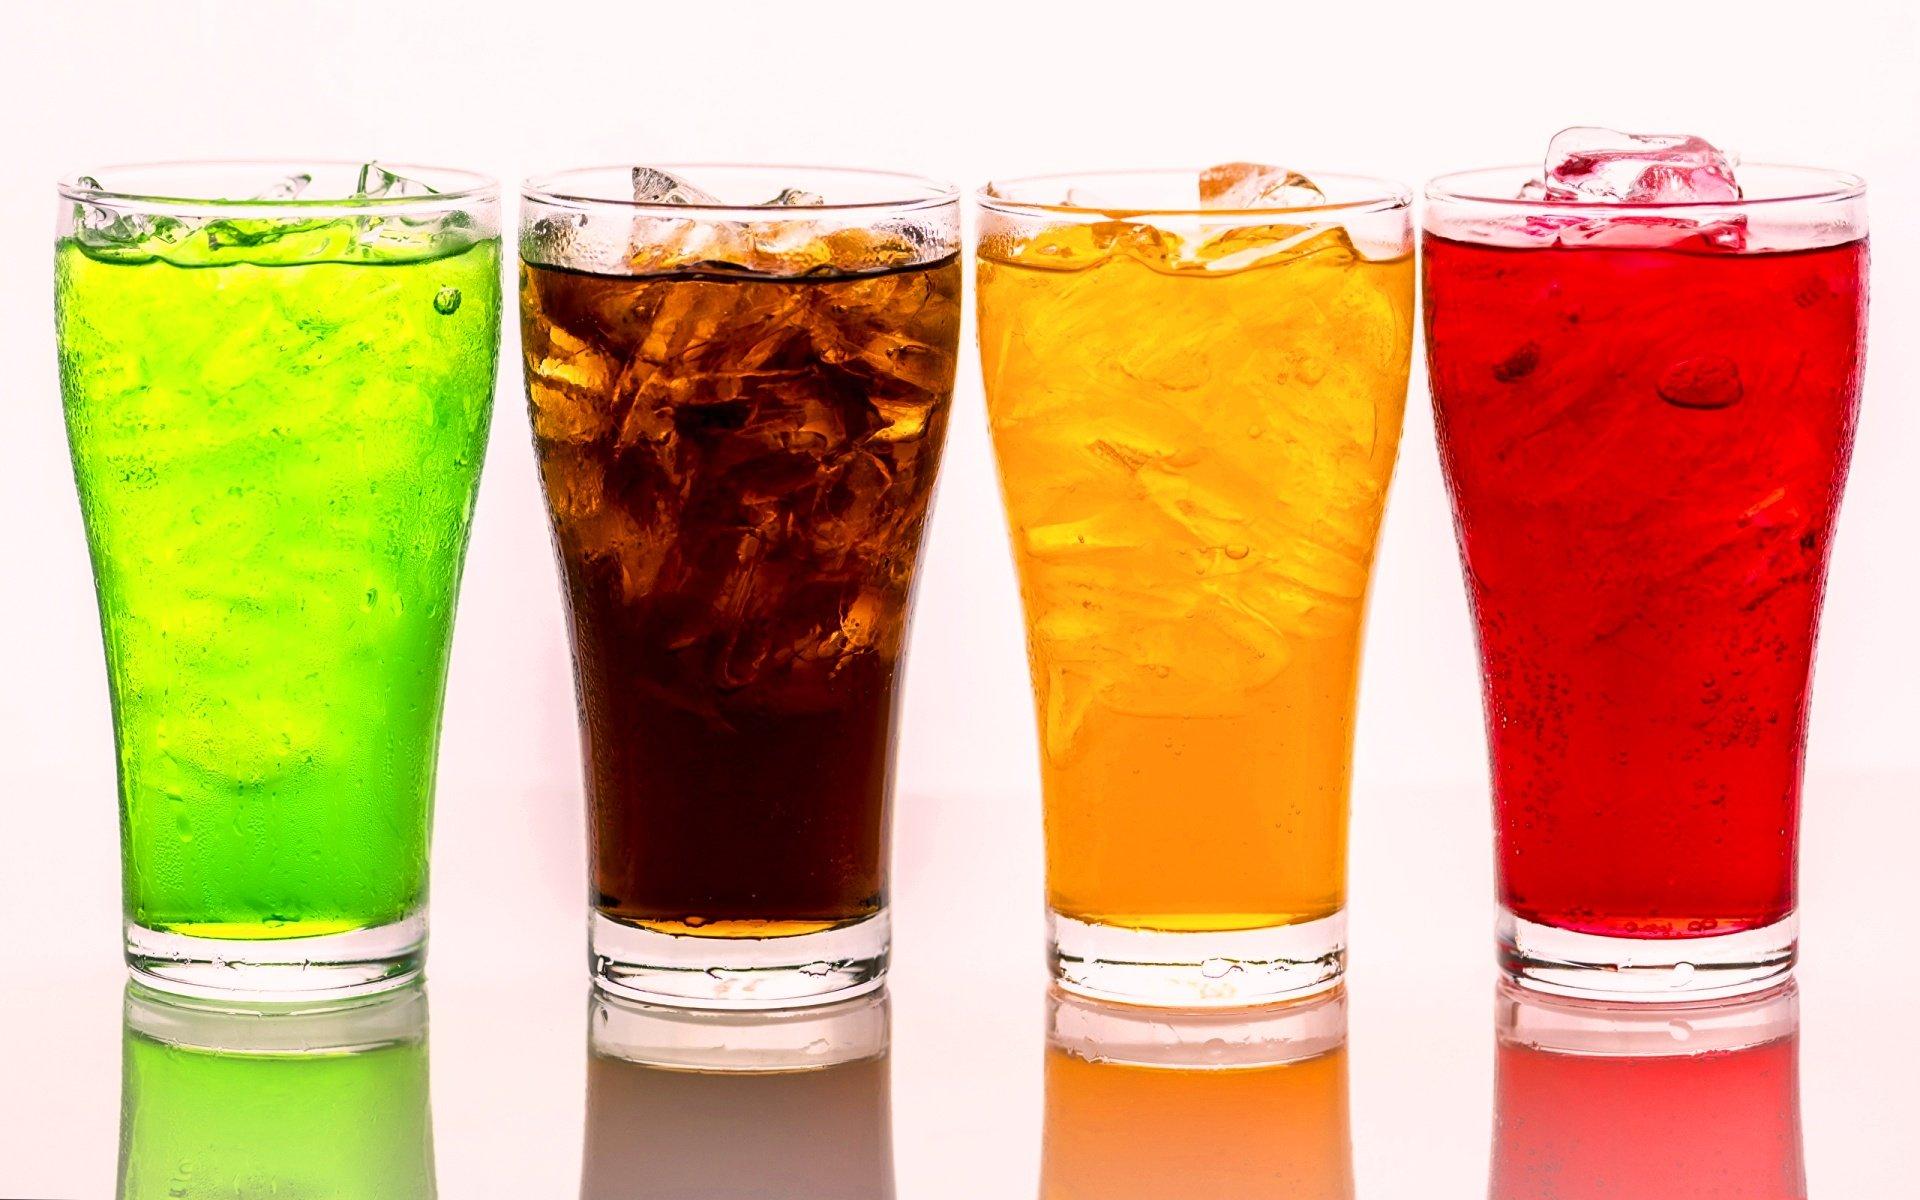 Сладкие напитки, связанные с повышенным риском депрессии